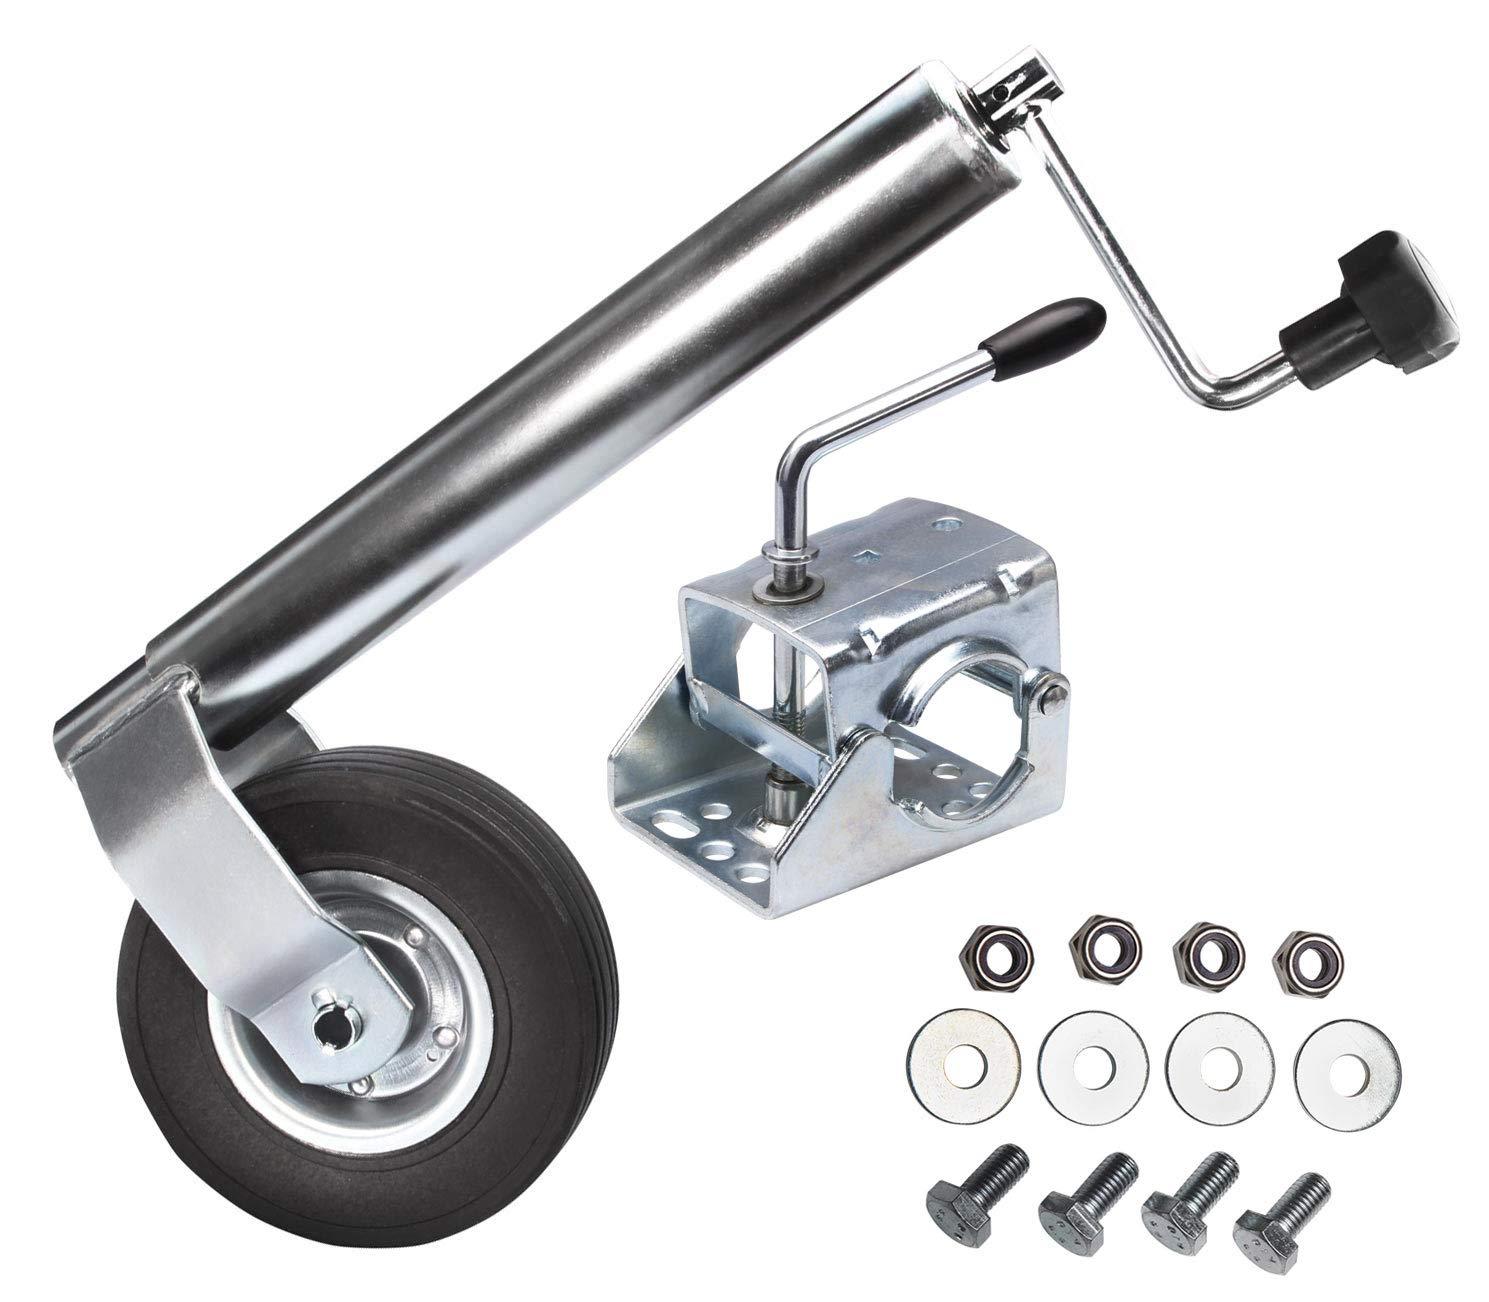 Roue jockey diamè tre 60 mm pour remorque + Fixation de roue + set de vis Otger Lensker